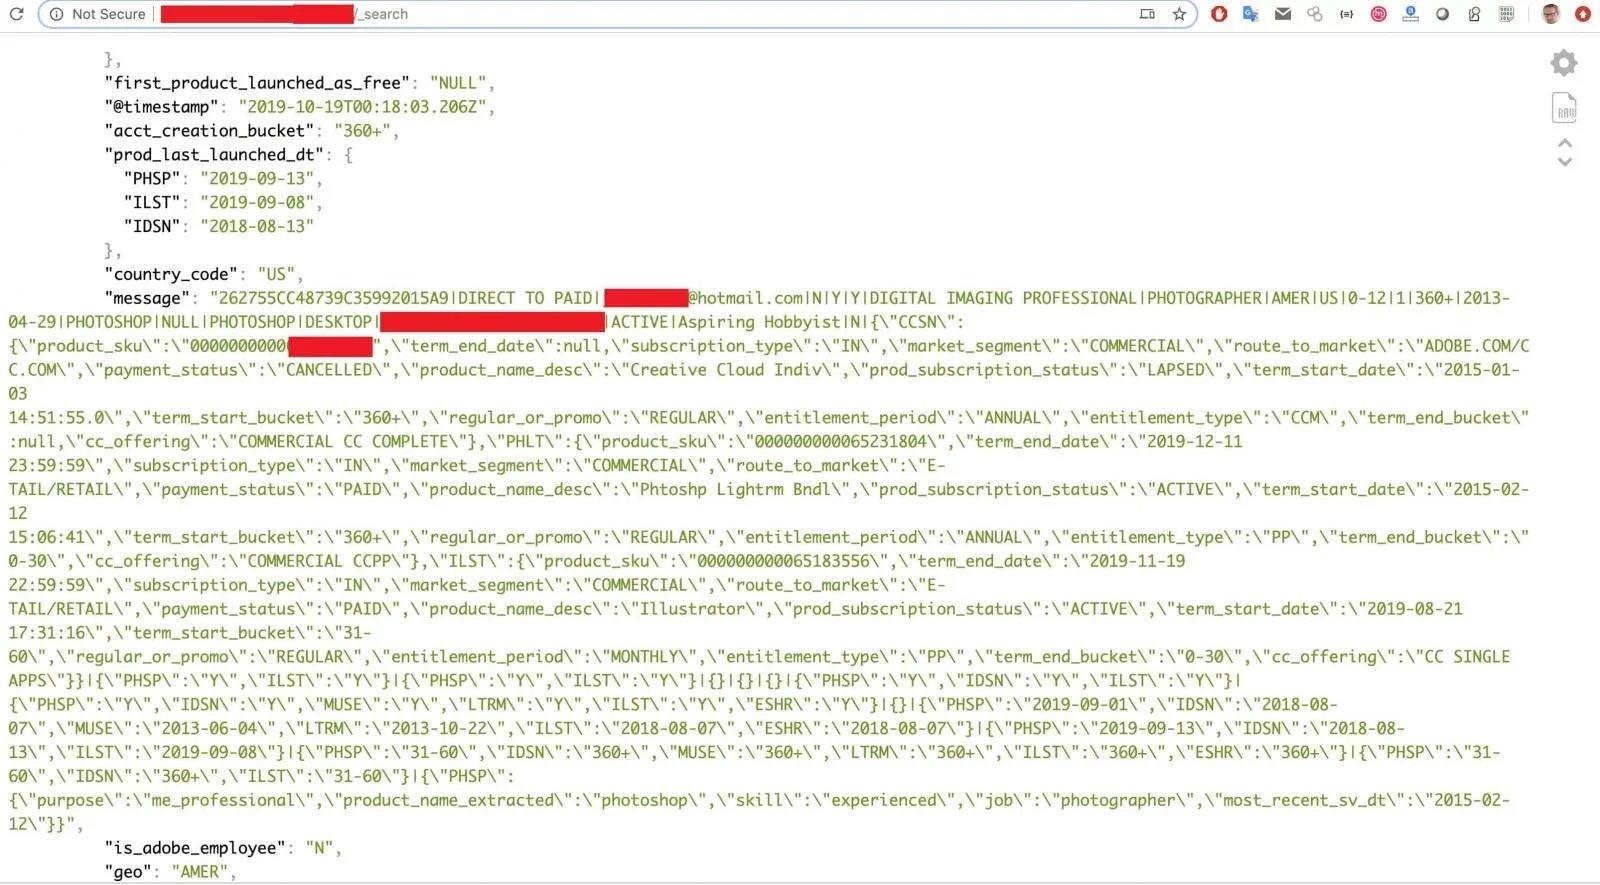 exemplo dos dados nos registos